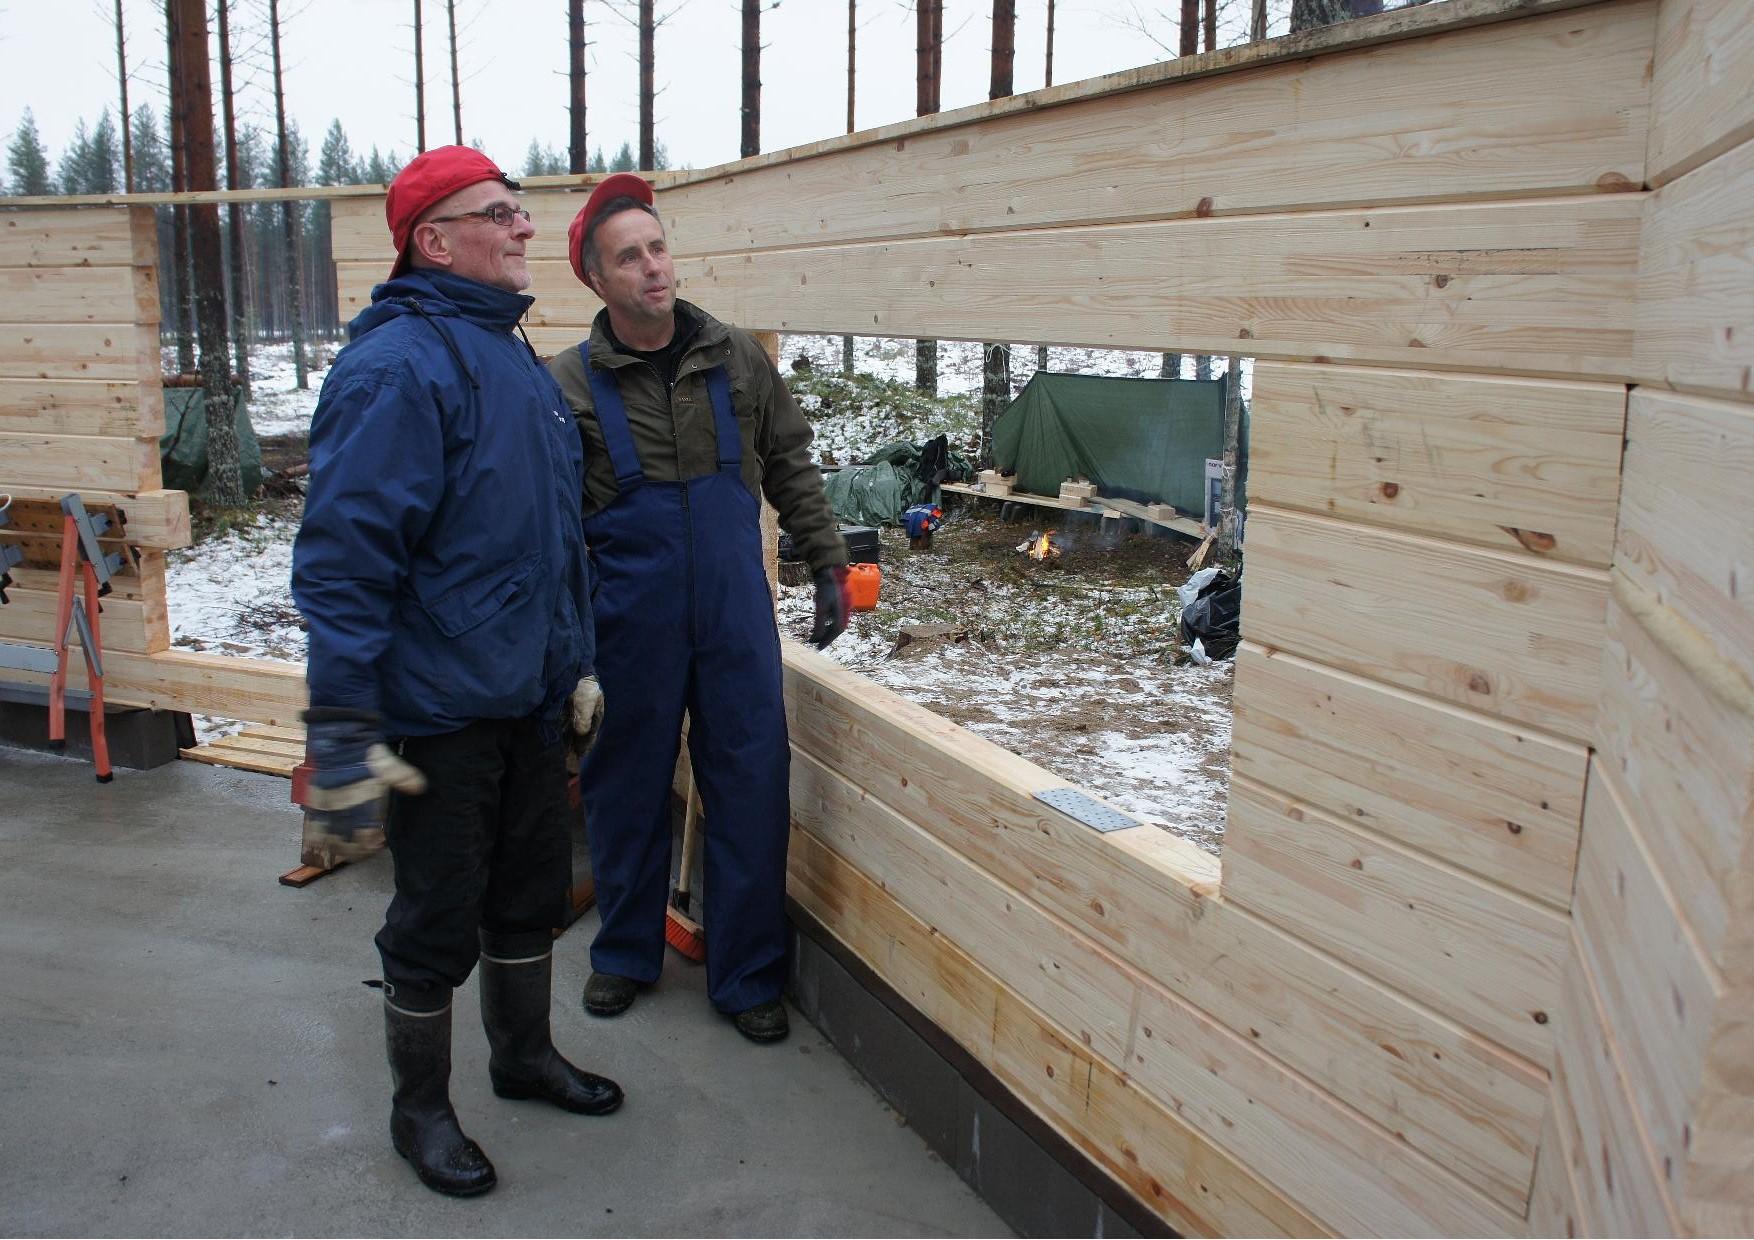 Arto Turpeinen ja Jouni Könttä tarkastelivat rakennustyön jälkeä, jonka hyväksi havaitsivat. Hirret ovat paikallisesta Anaika Wood yrityksestä - laatutuotetta.